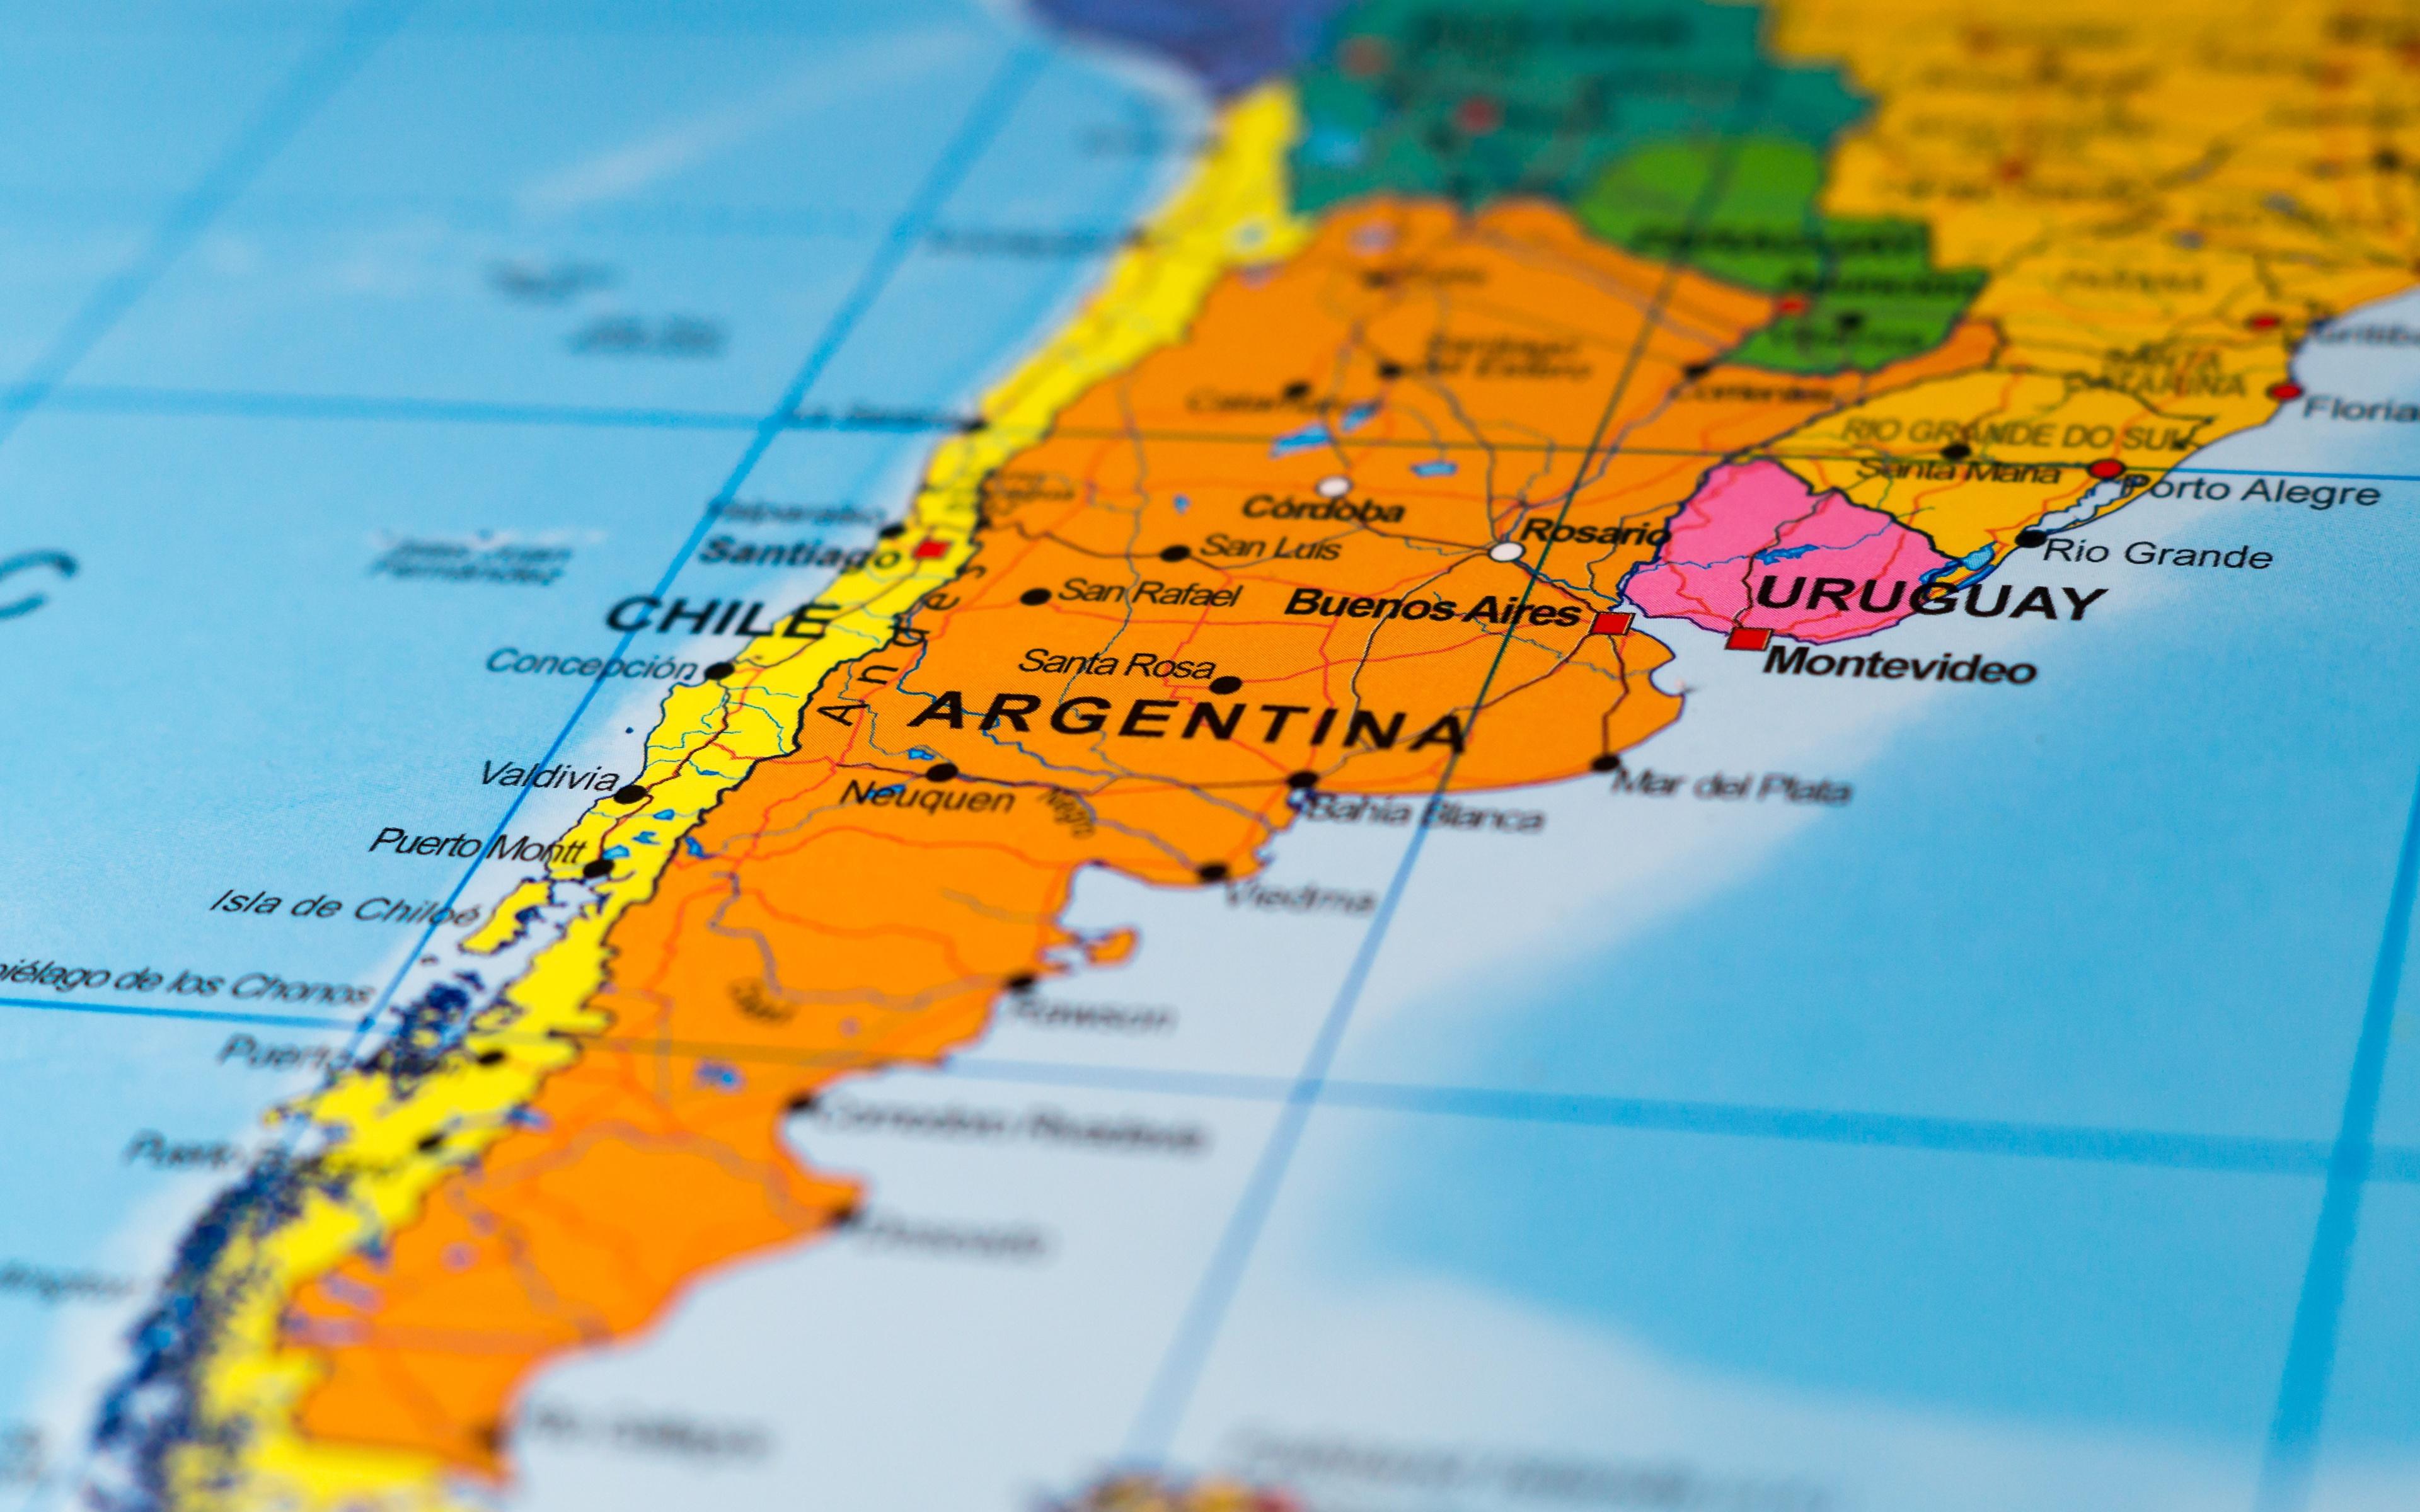 Картинка Географическая карта Чили Аргентина South America География 3840x2400